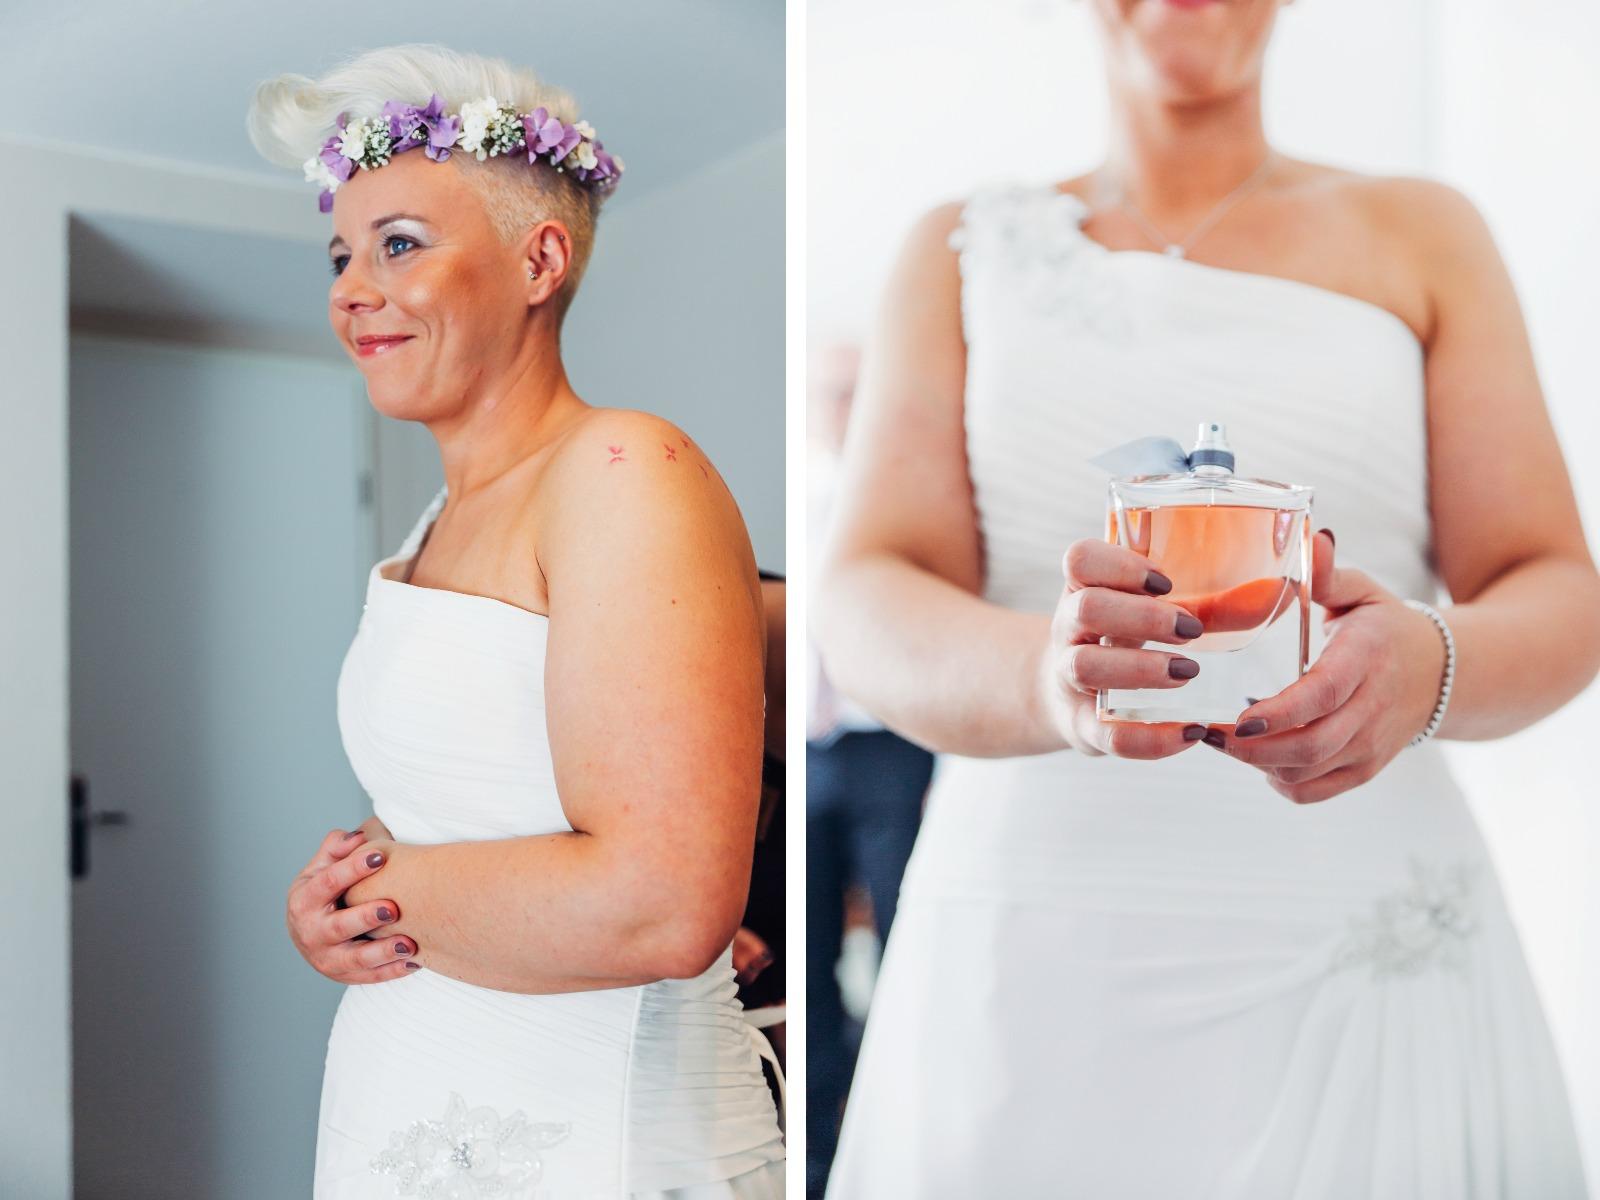 Monstergraphie_Hochzeitsreportage_Essen_Zeche_Zollverein06.jpg?fit=1600%2C1200